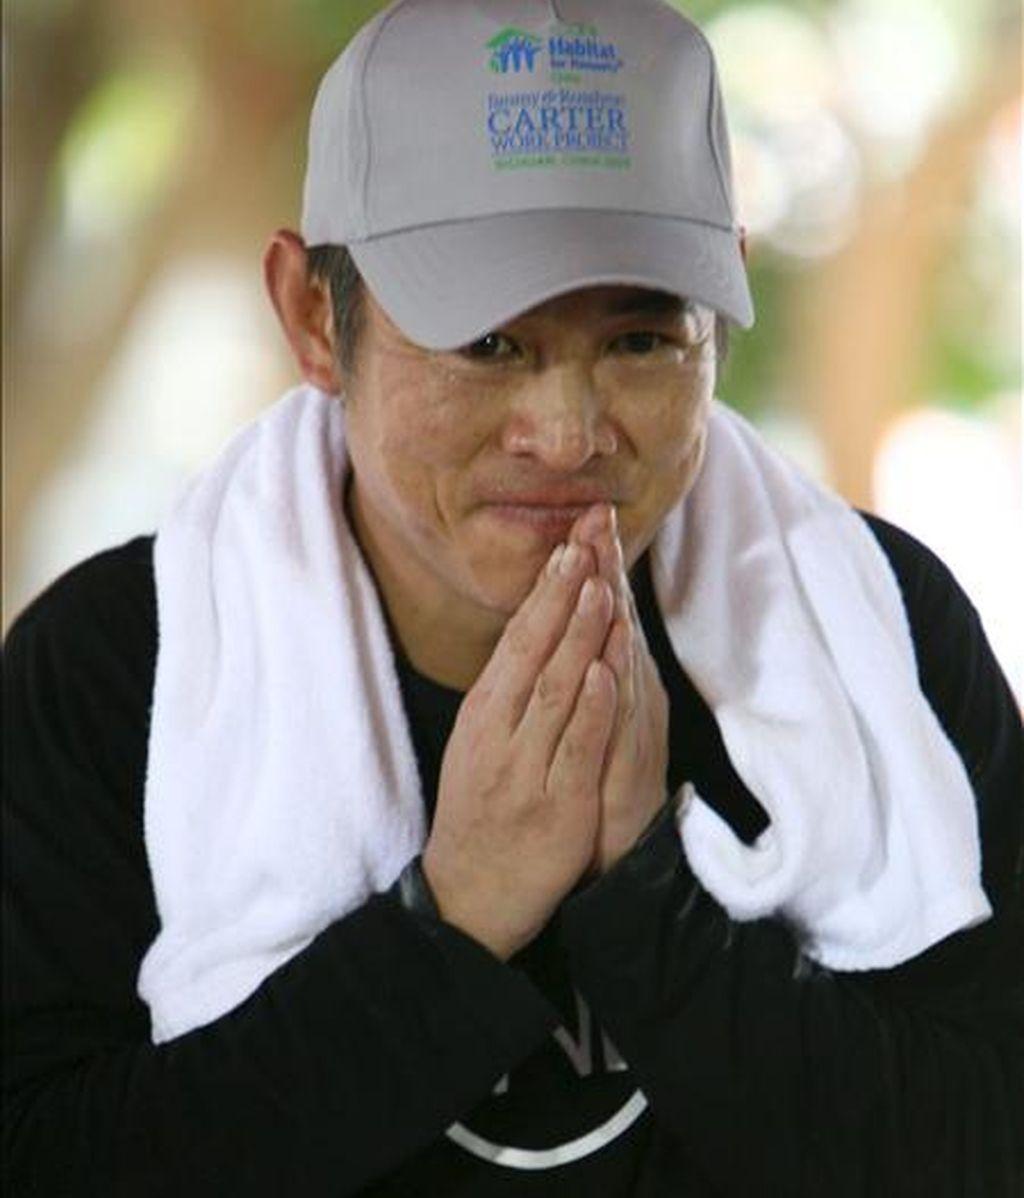 El actor chino Jet Li saluda tras firmar un contrato con 'Habitat for Humanity' en la provincia de Chiang Mai, al noreste de Tailandia, el 17 de noviembre de 2009. EFE/Archivo